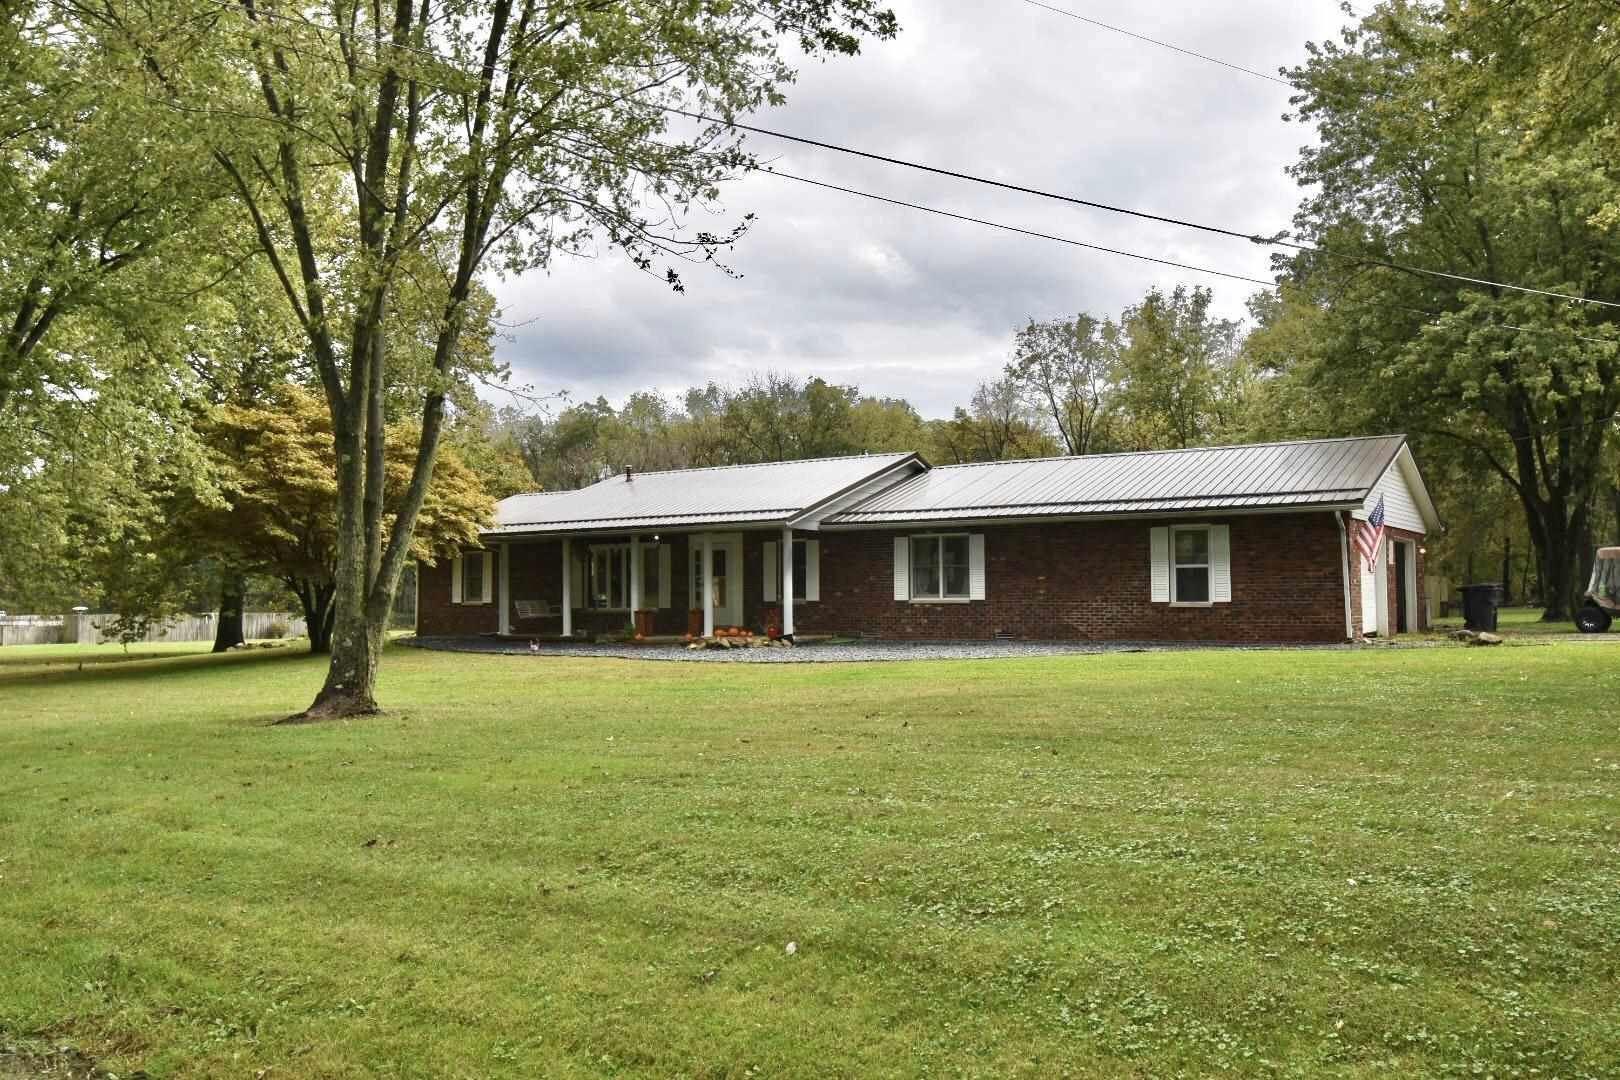 12861 W 300 N Road                                                                               Linton                                                                      , IN - $225,000